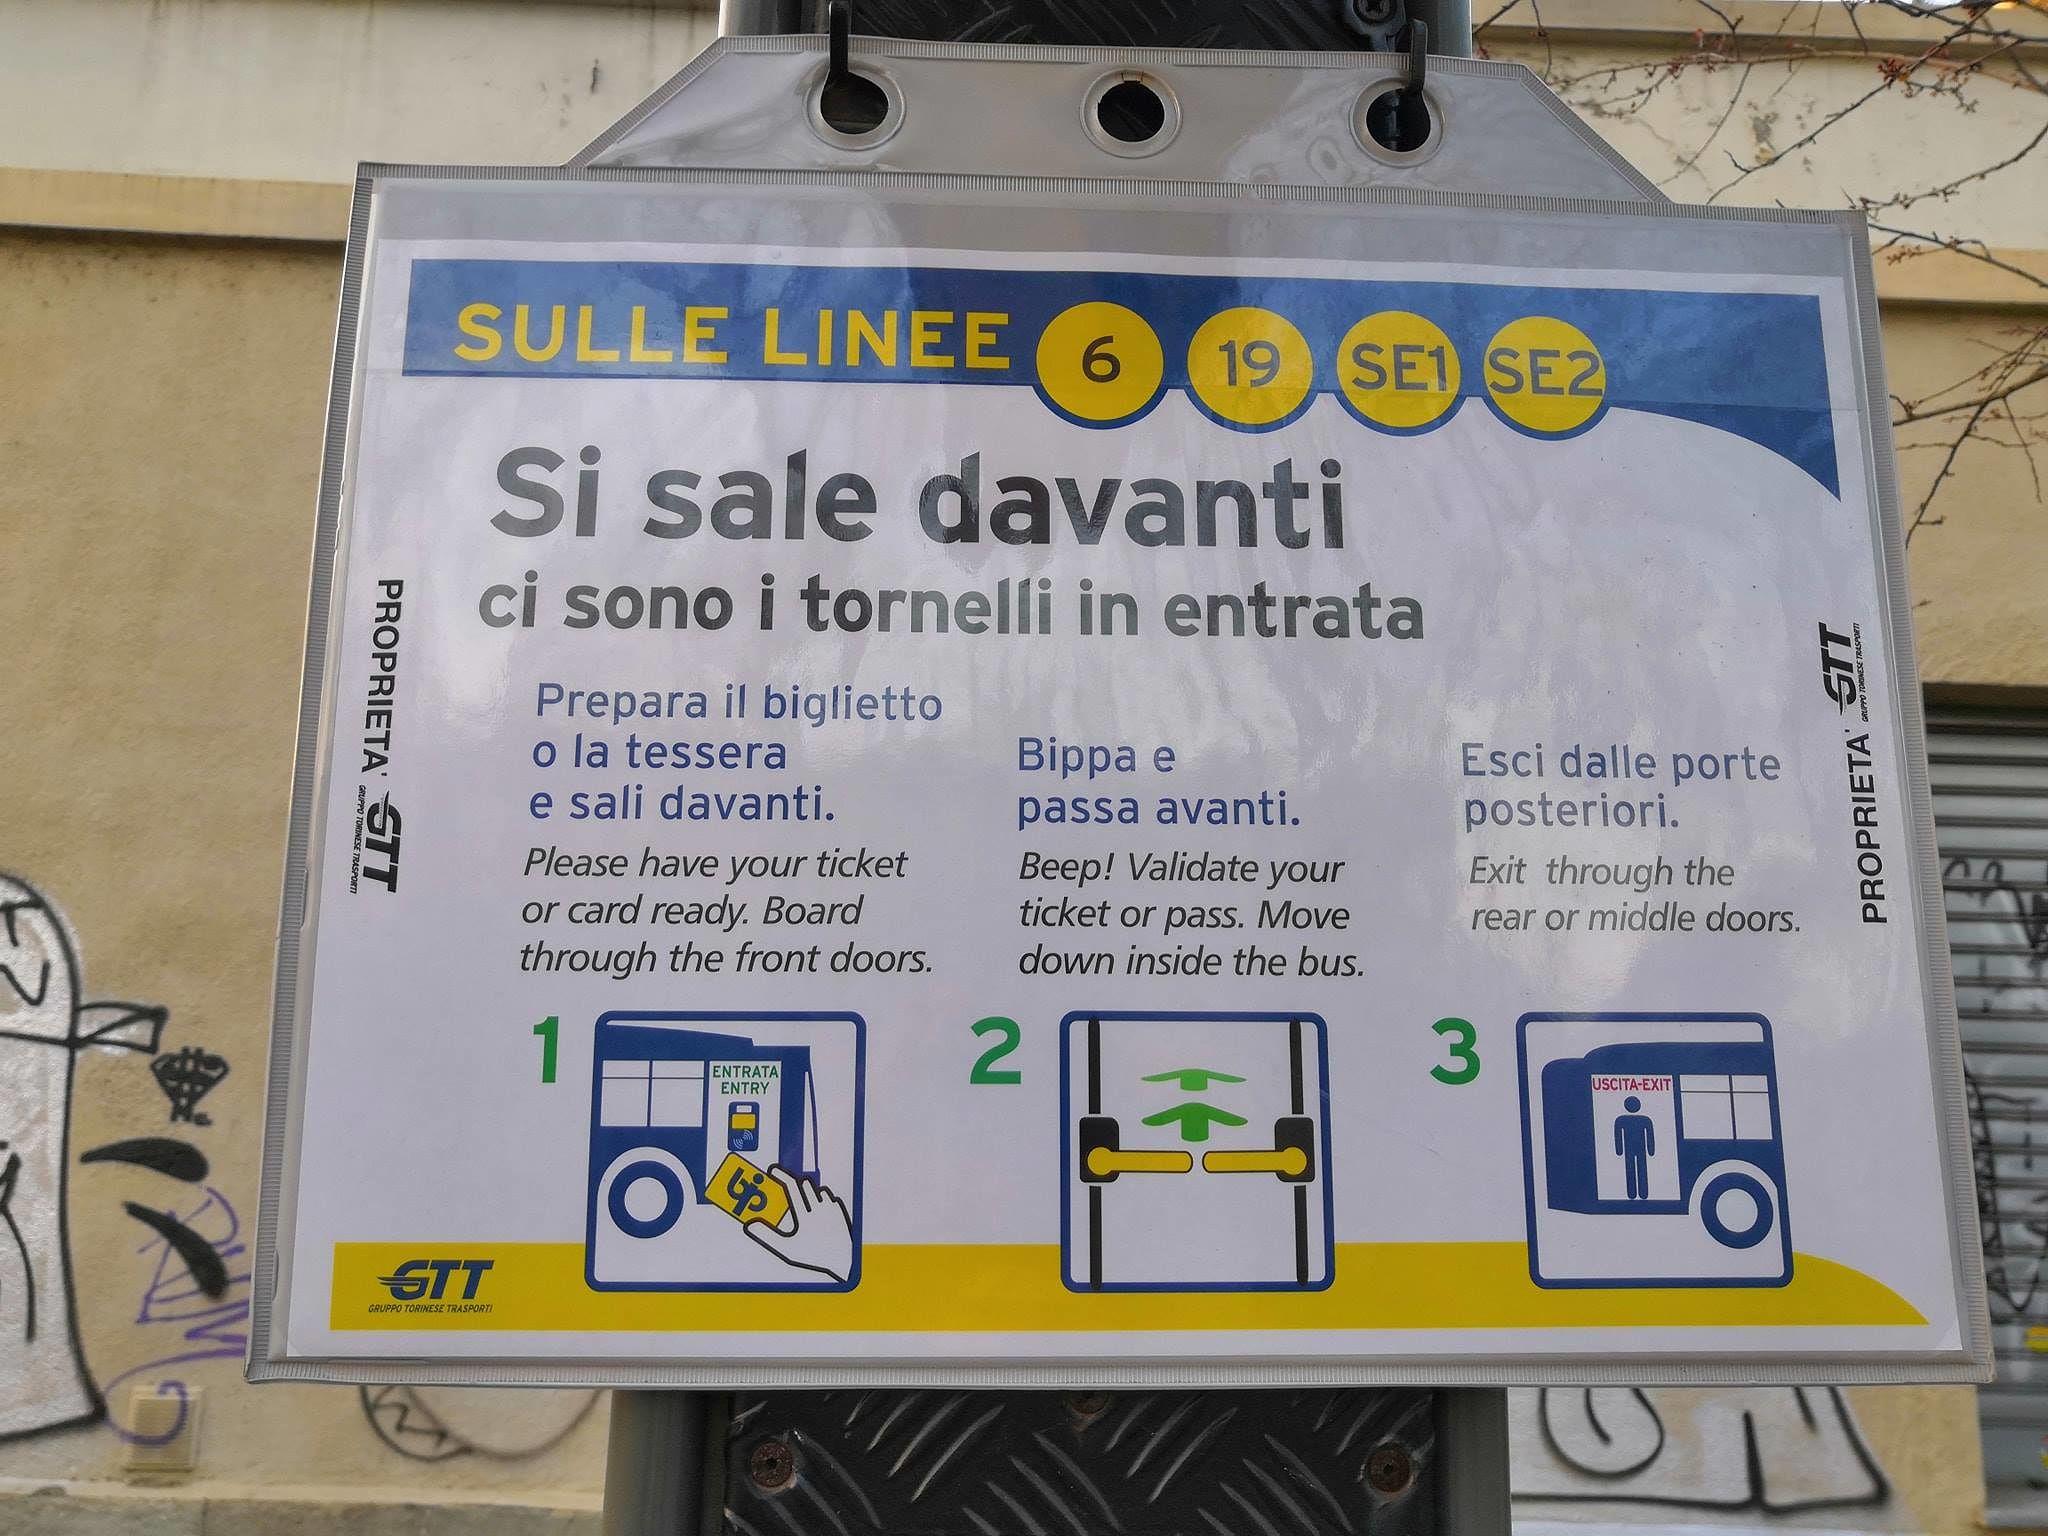 турникеты на автобусах линии 19, соединяющих станцию Порта Суза с Корсо Кадоре